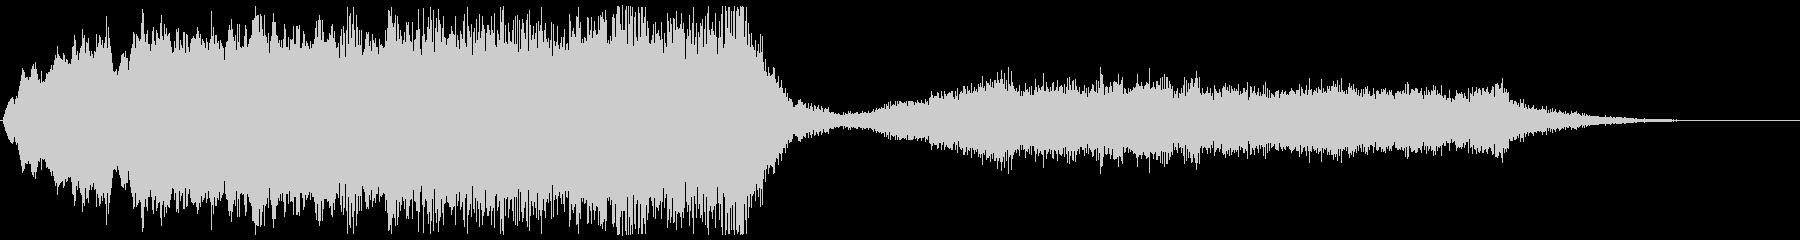 ストリングスの不協和音のジングル ホラーの未再生の波形